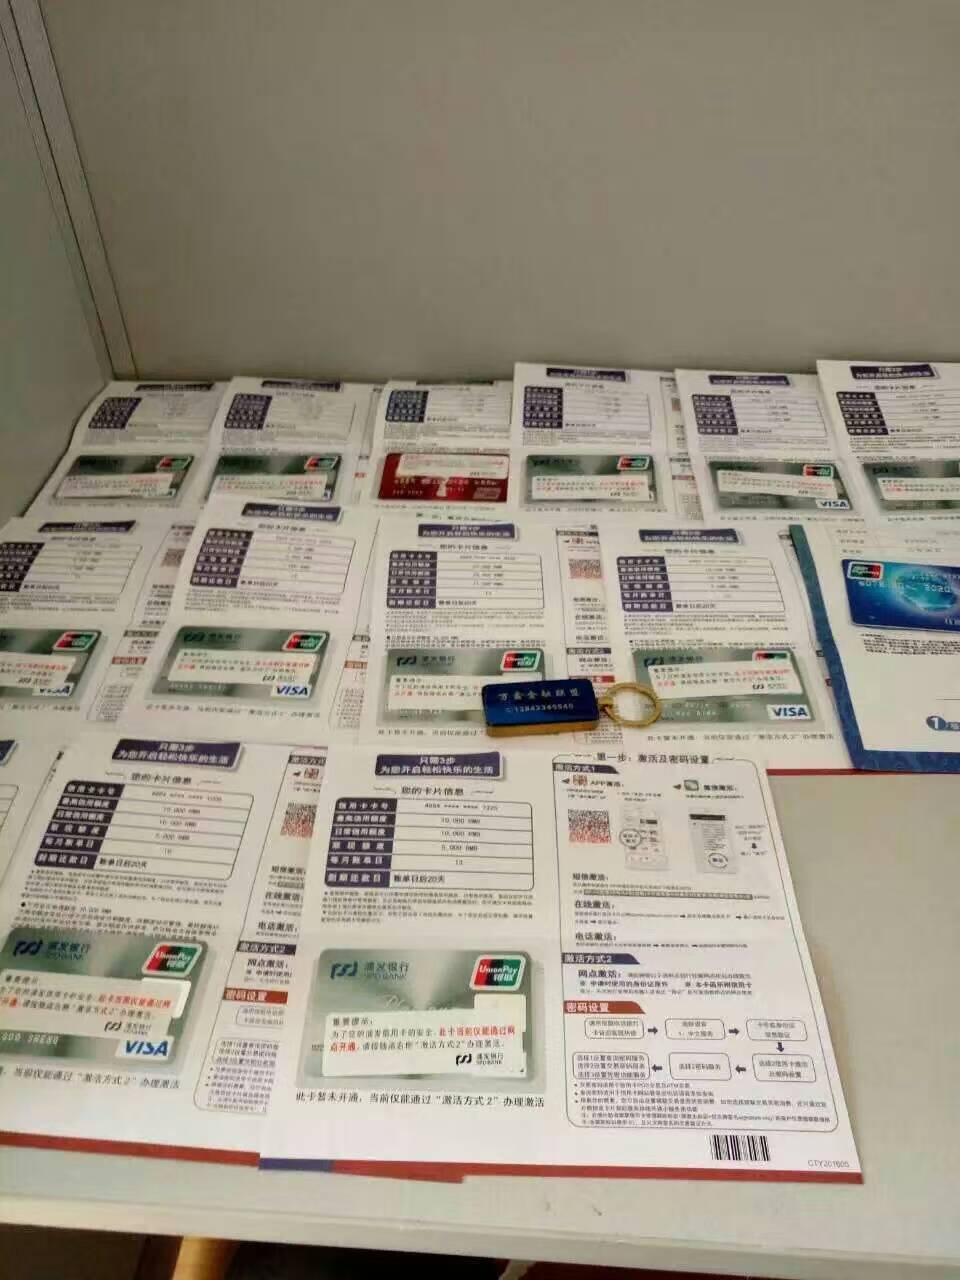 来自石磊发布的商务合作信息:金融类项目,信用卡,虚拟货币,电商... - 信亿达―爱卡帮